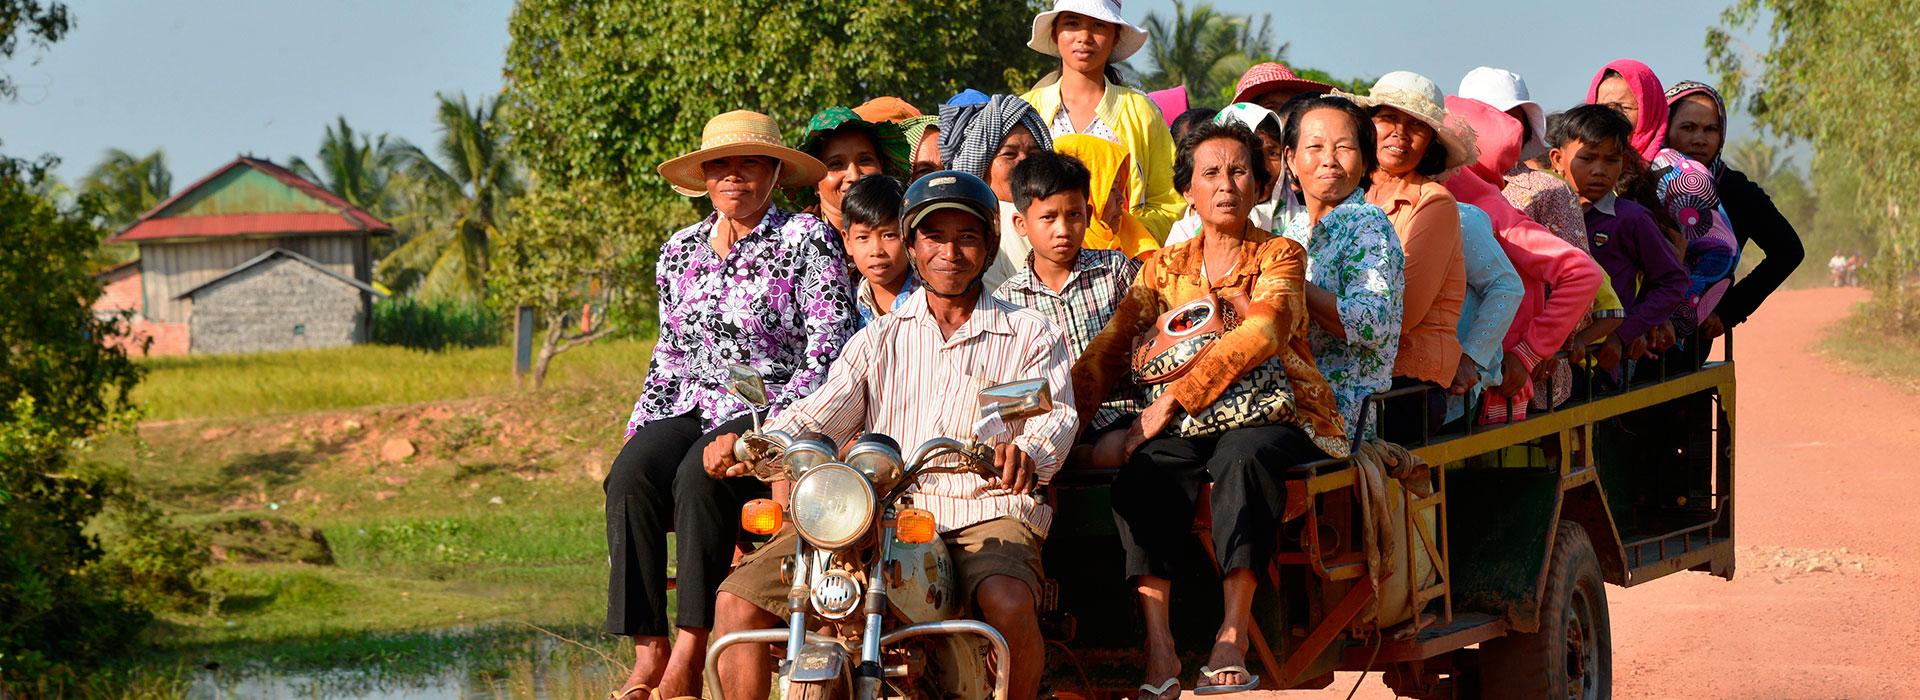 Jorani ~ Une aventure cambodgienne